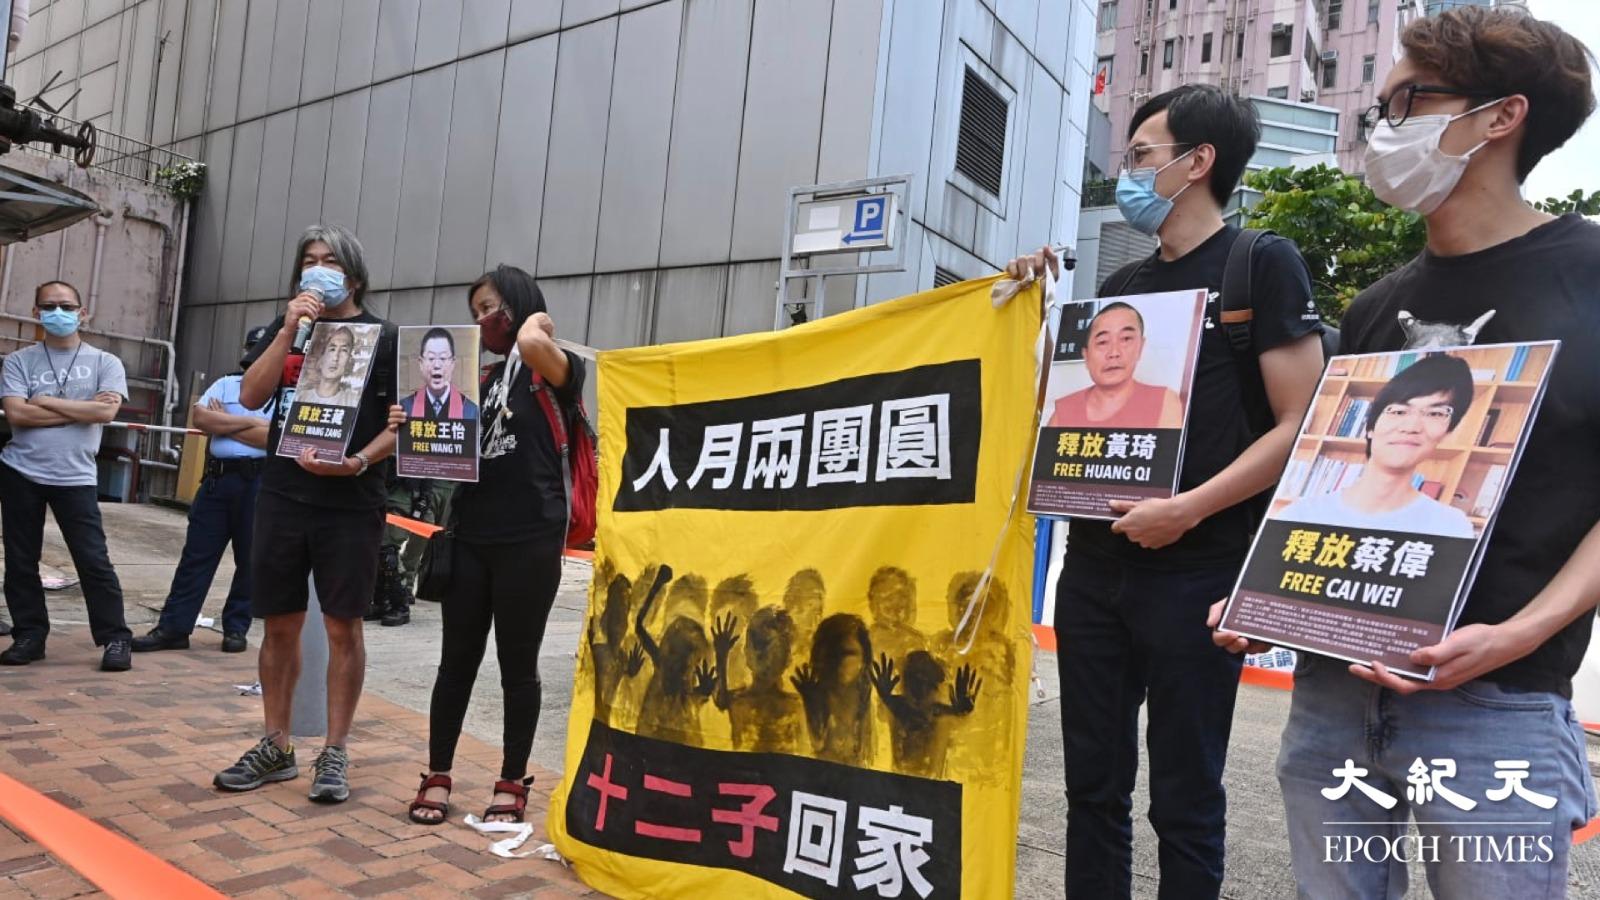 10月1日,社民連和長毛(梁國雄),打著「人月兩團圓 十二子回家」的橫幅,在香港中聯辦外抗議,表達對12名港人被送中事件的關注。(大紀元資料圖)